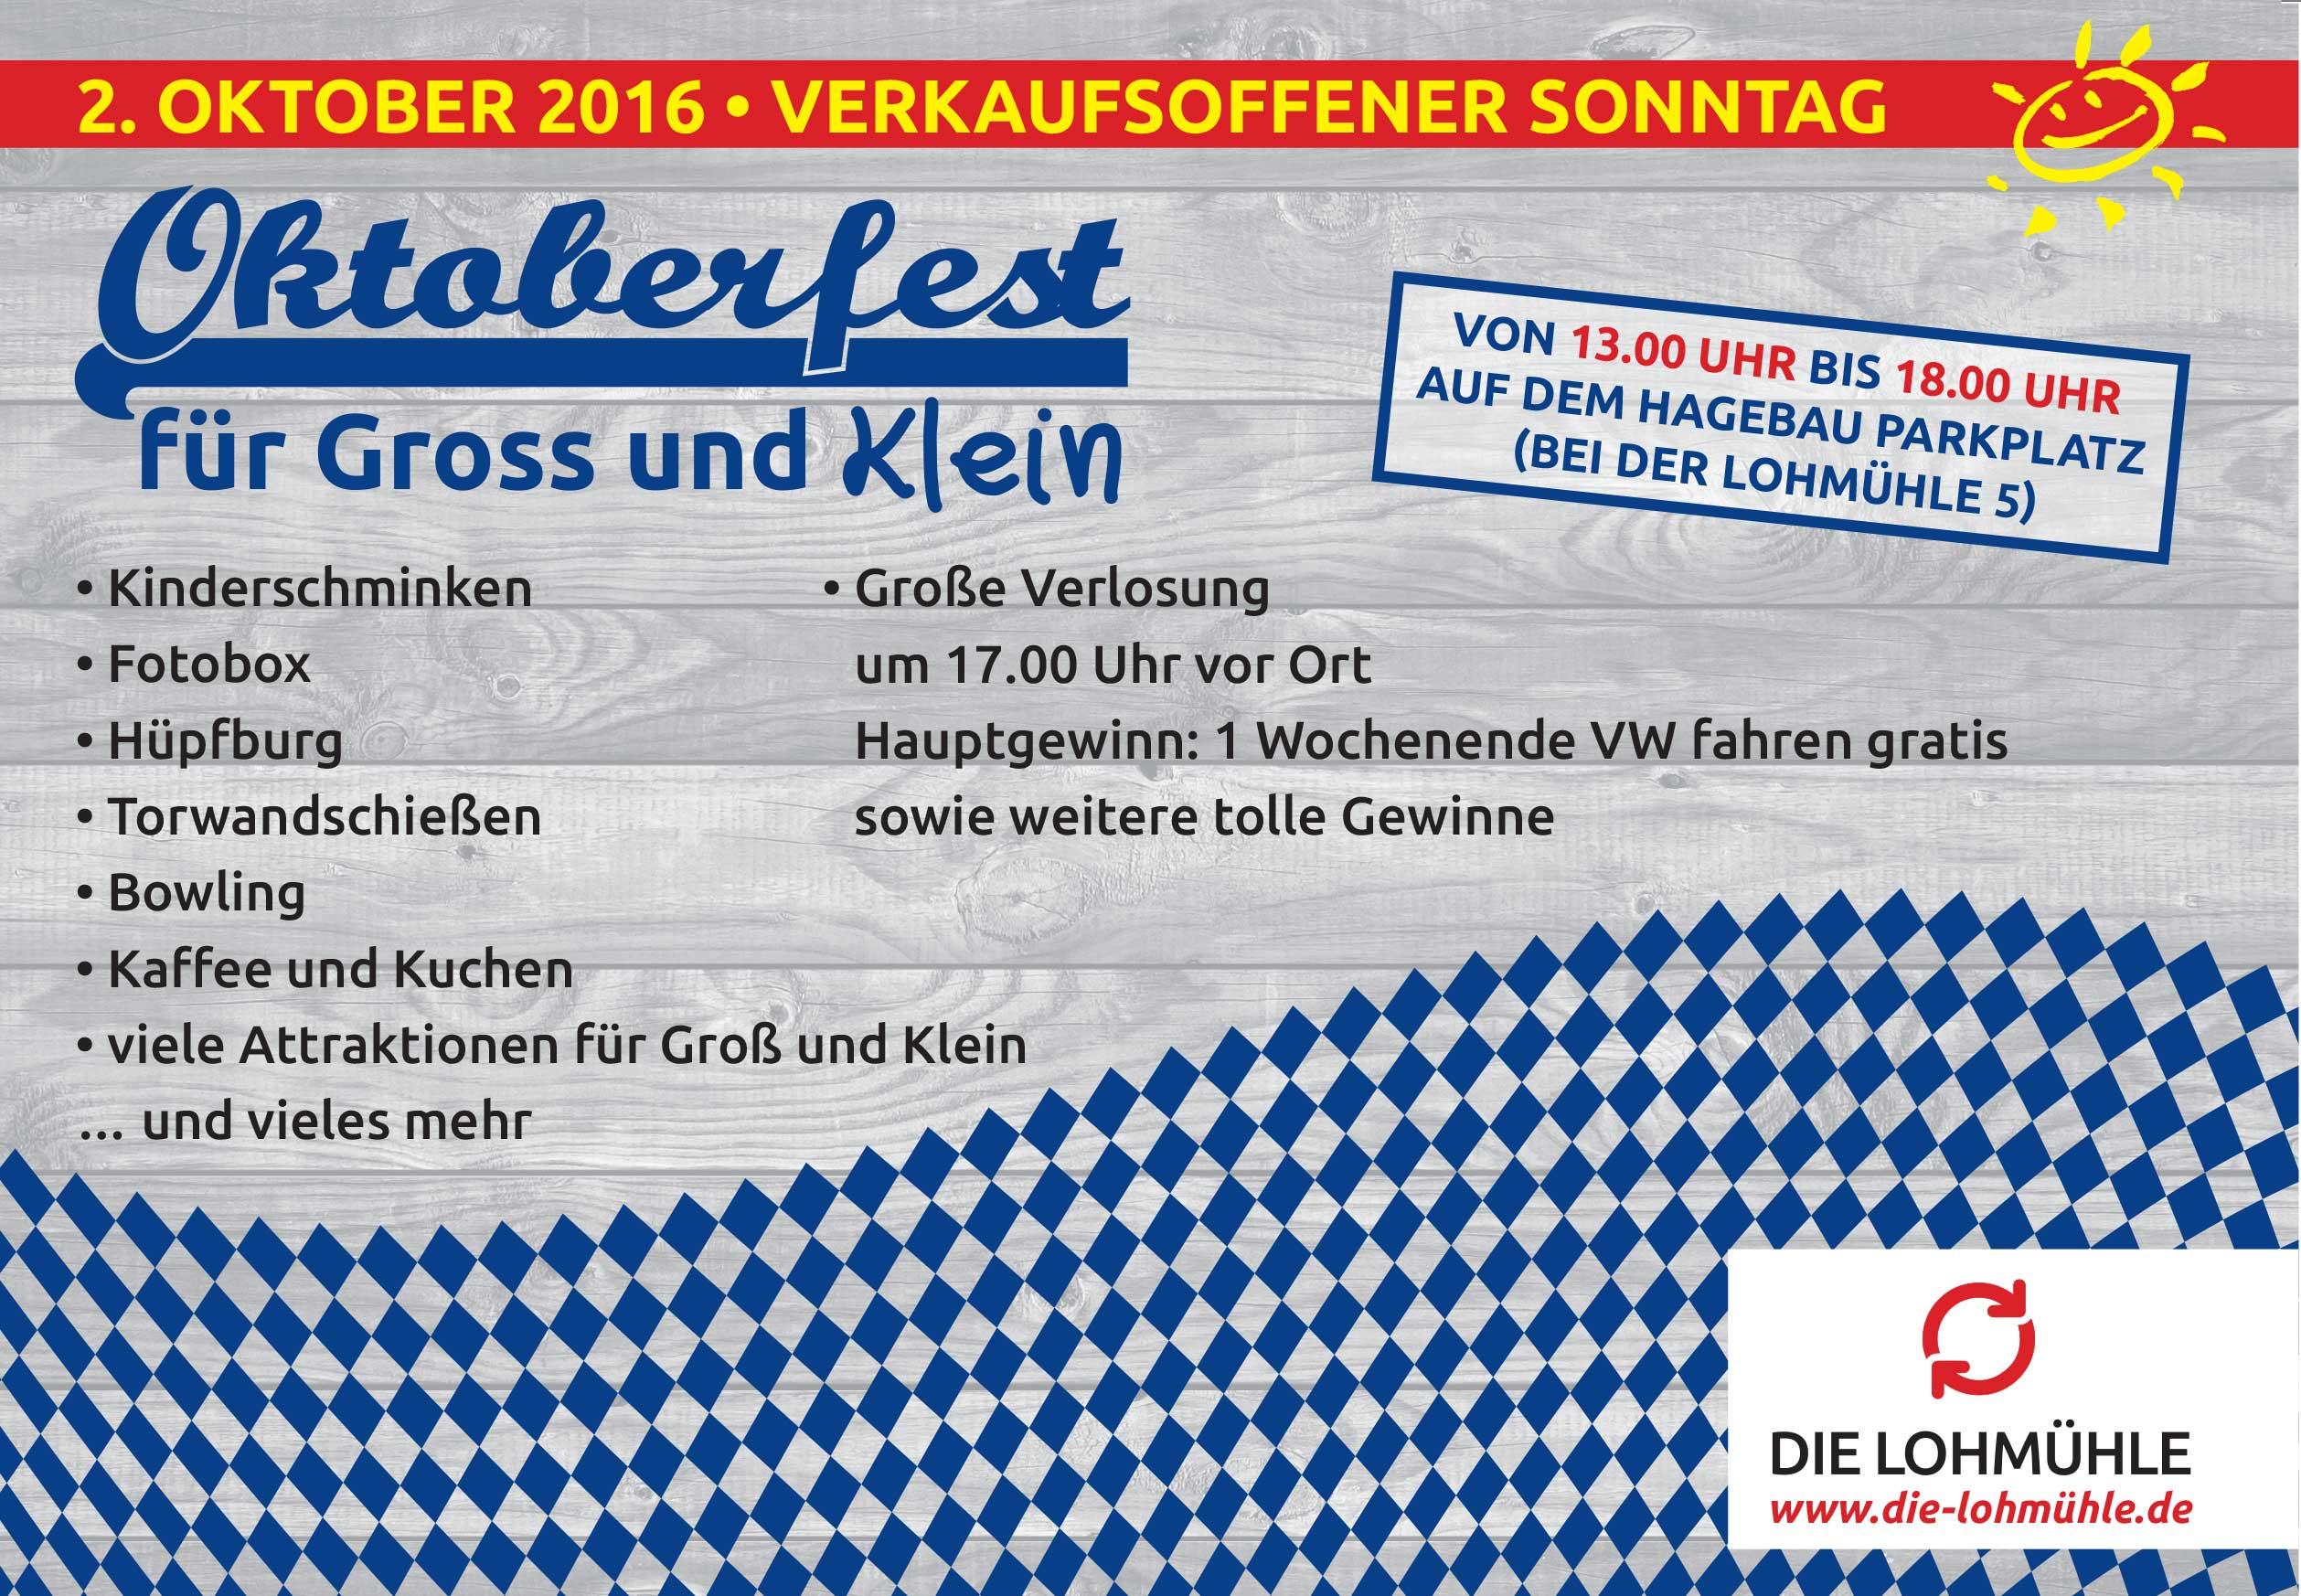 Verakufsoffener Sonntag In Lübeck Am 6 März 2016 Teilnehmende